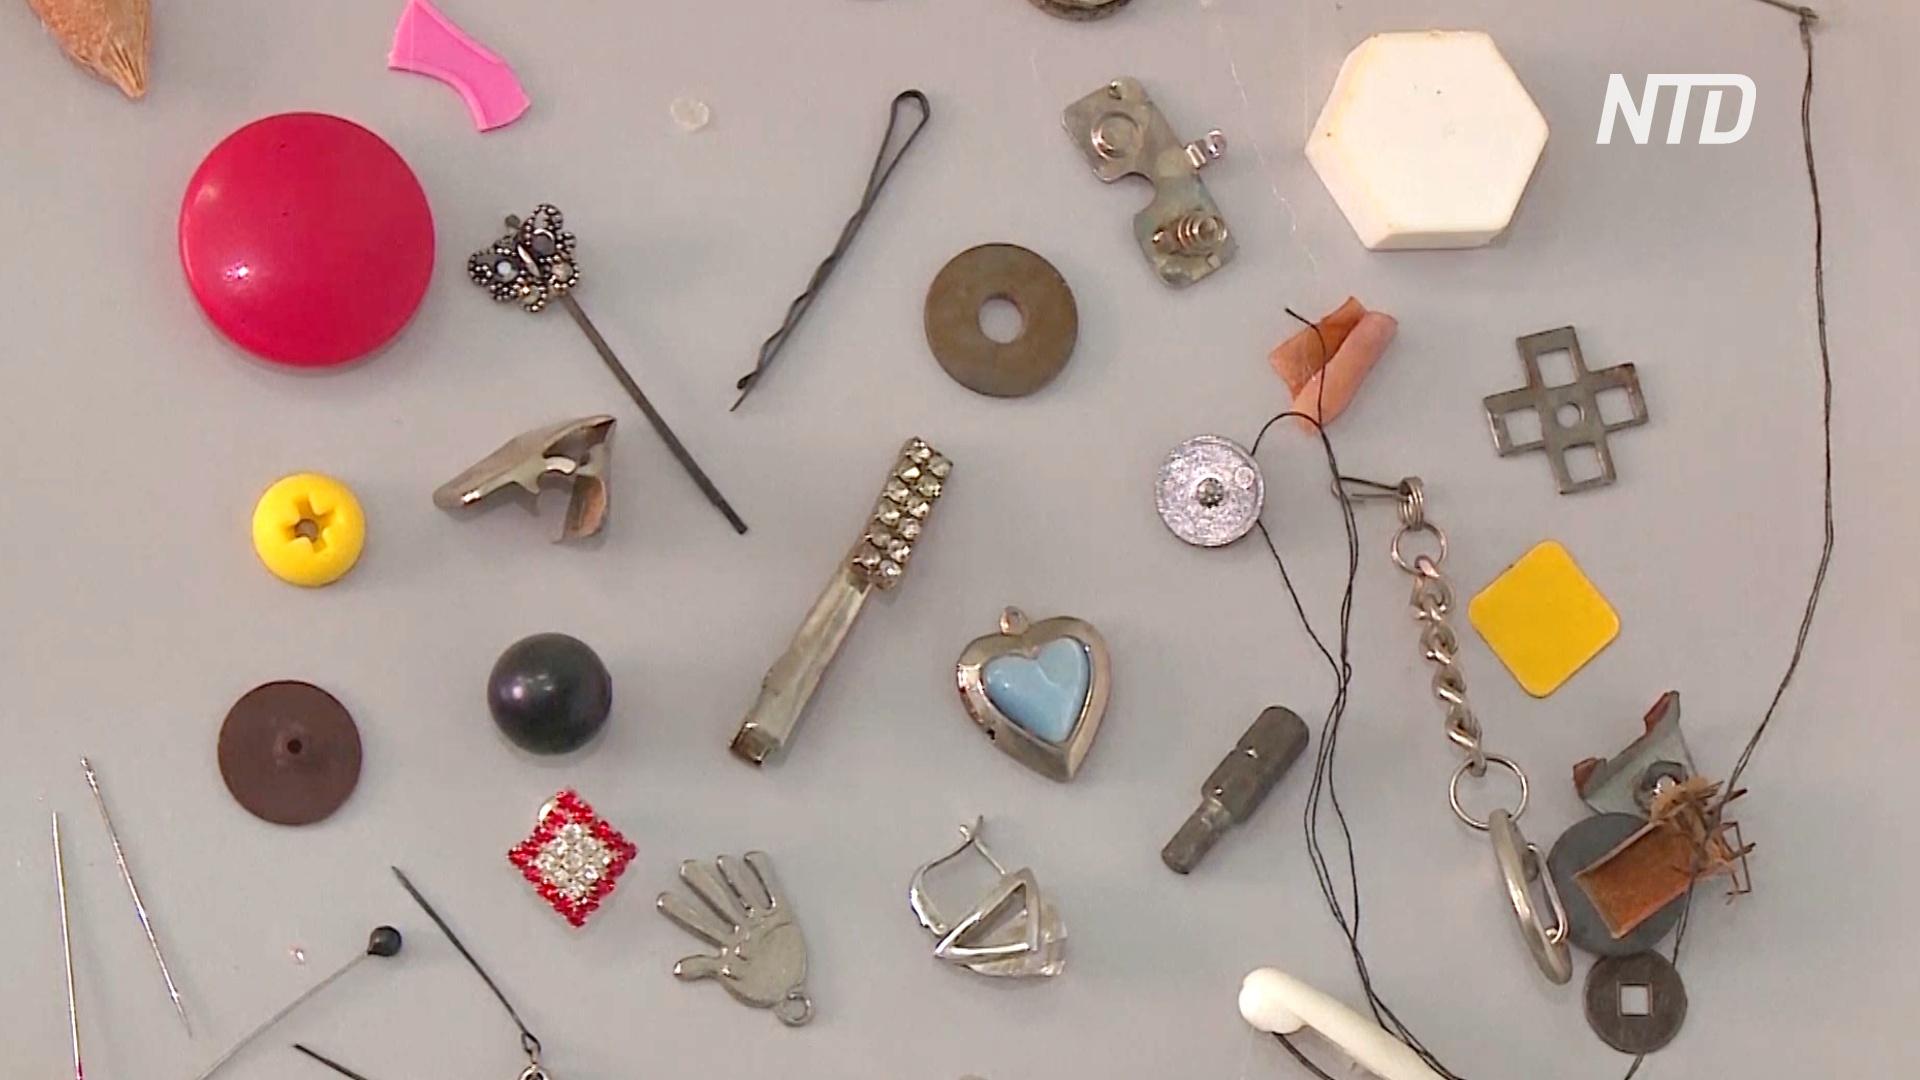 Булавки, магниты и кости: кемеровские врачи собирают предметы, проглоченные детьми